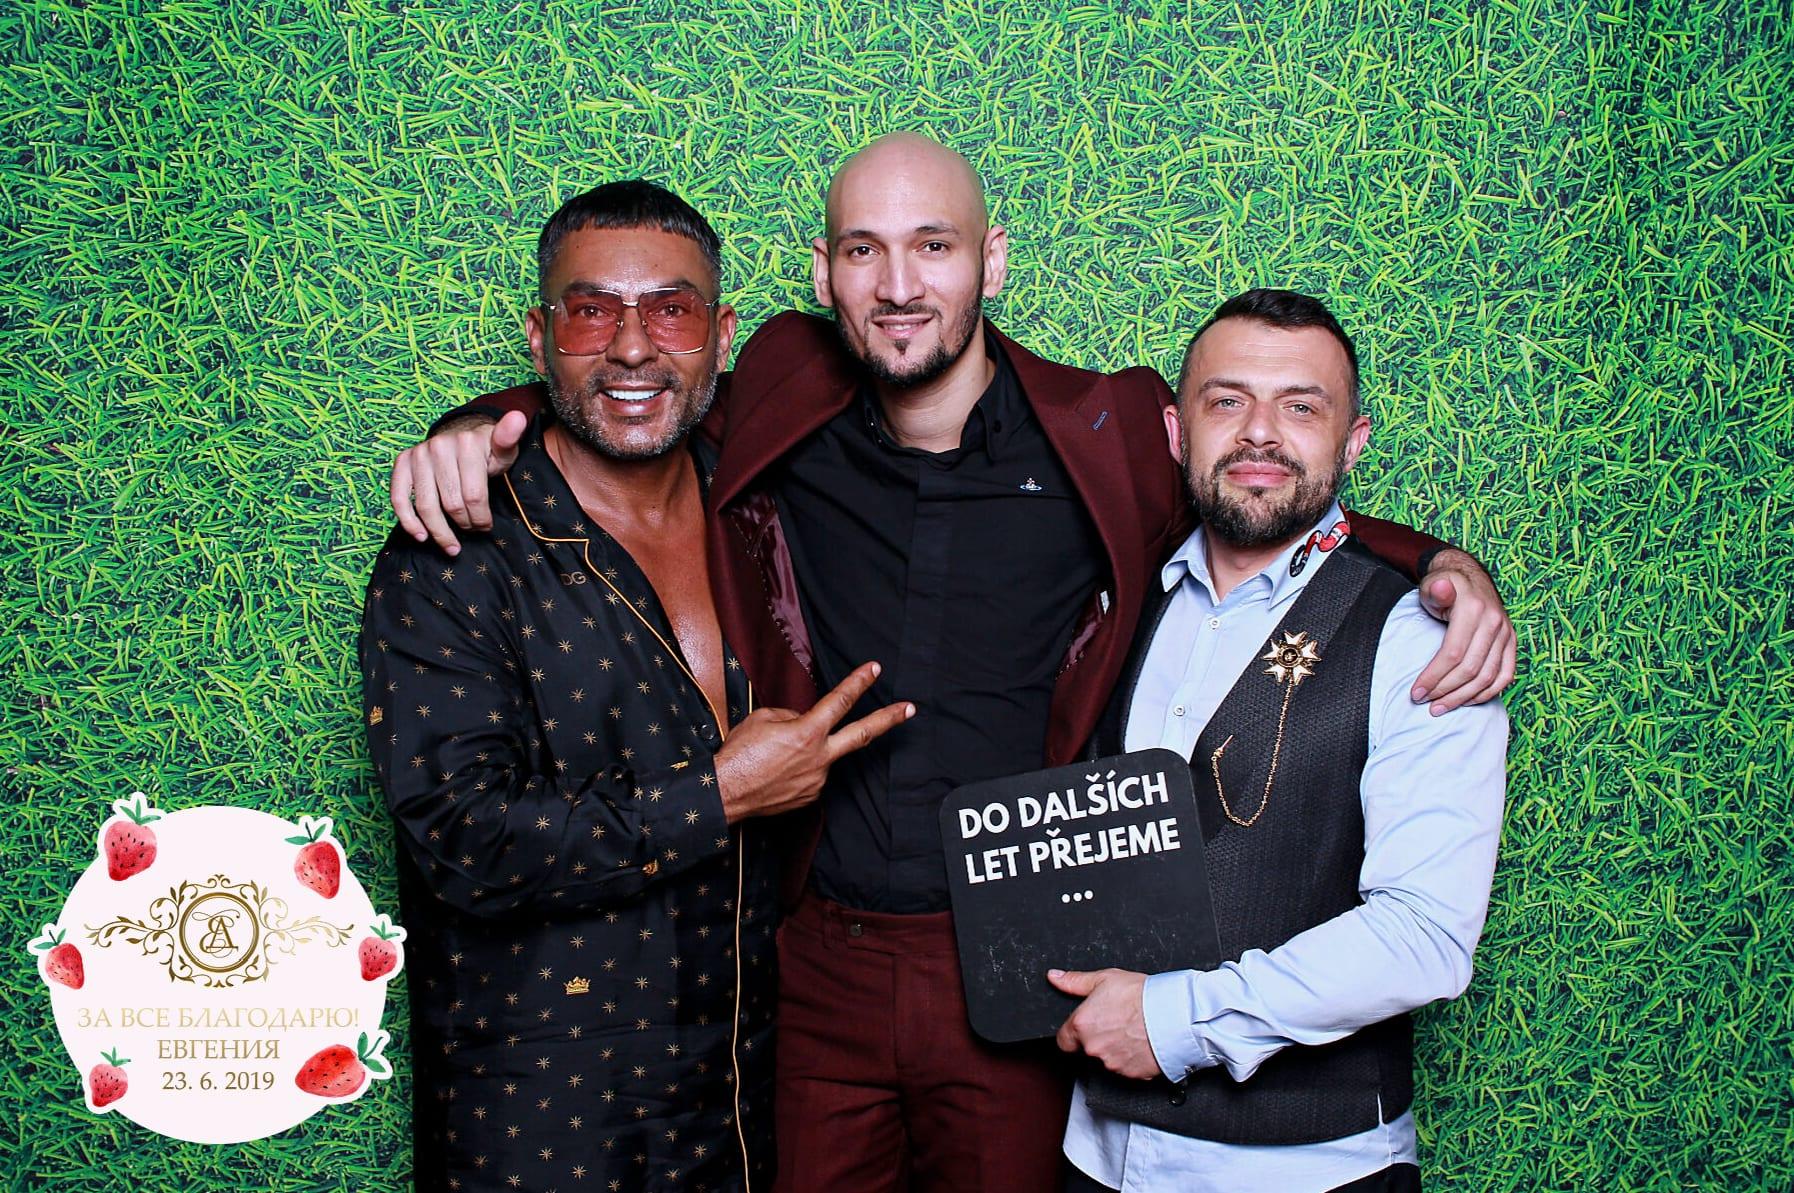 fotokoutek-capi-hnizdo-23-6-2019-629838